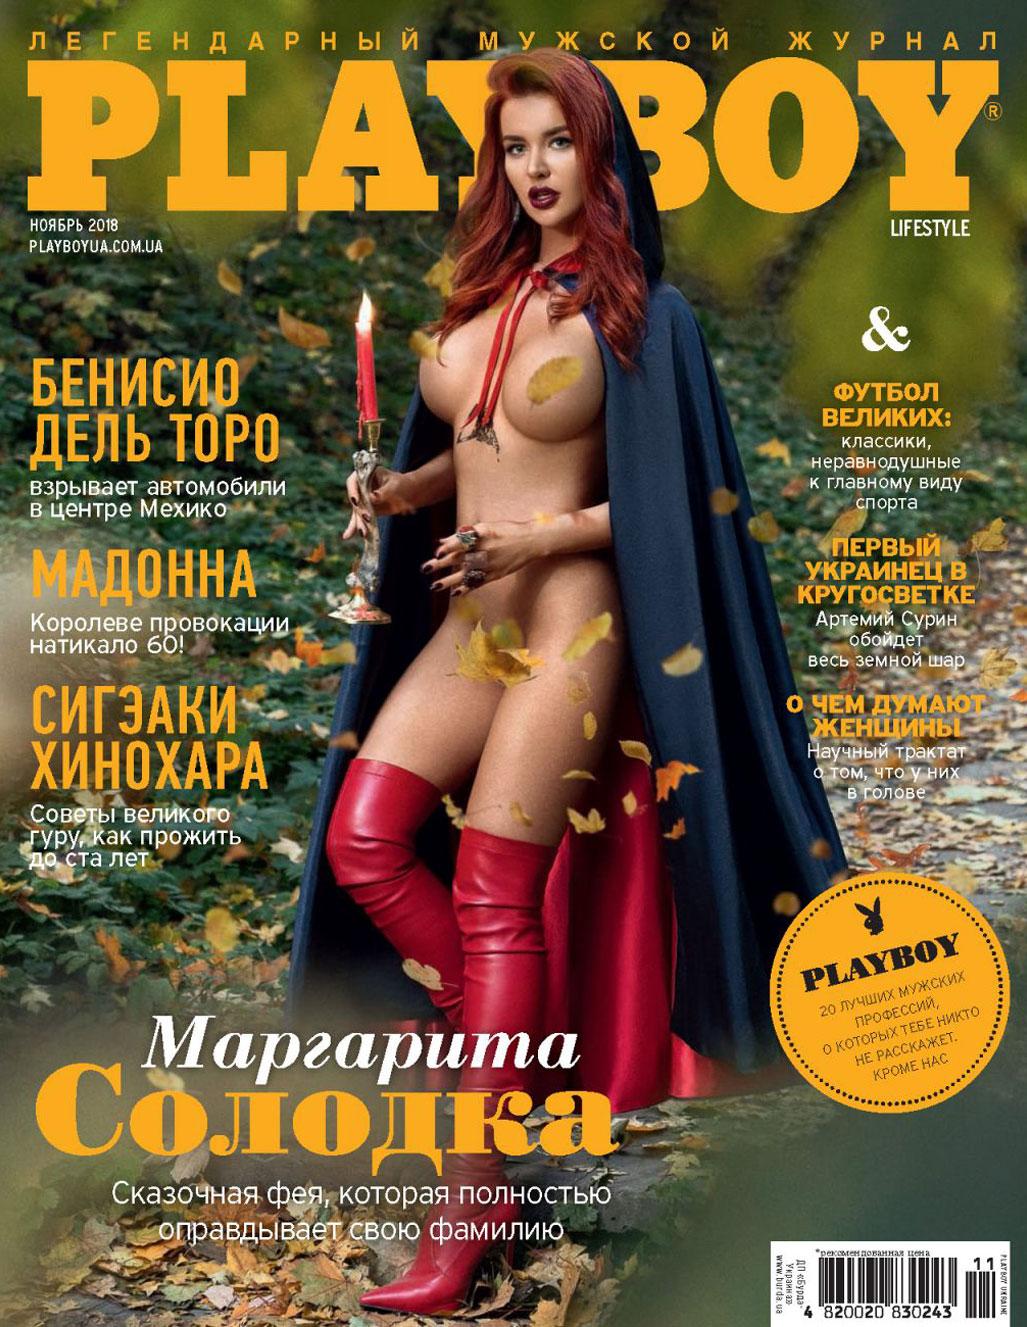 фотомодель журнала Playboy Маргарита Солодка, фотограф Антон Софийченко / фото 10